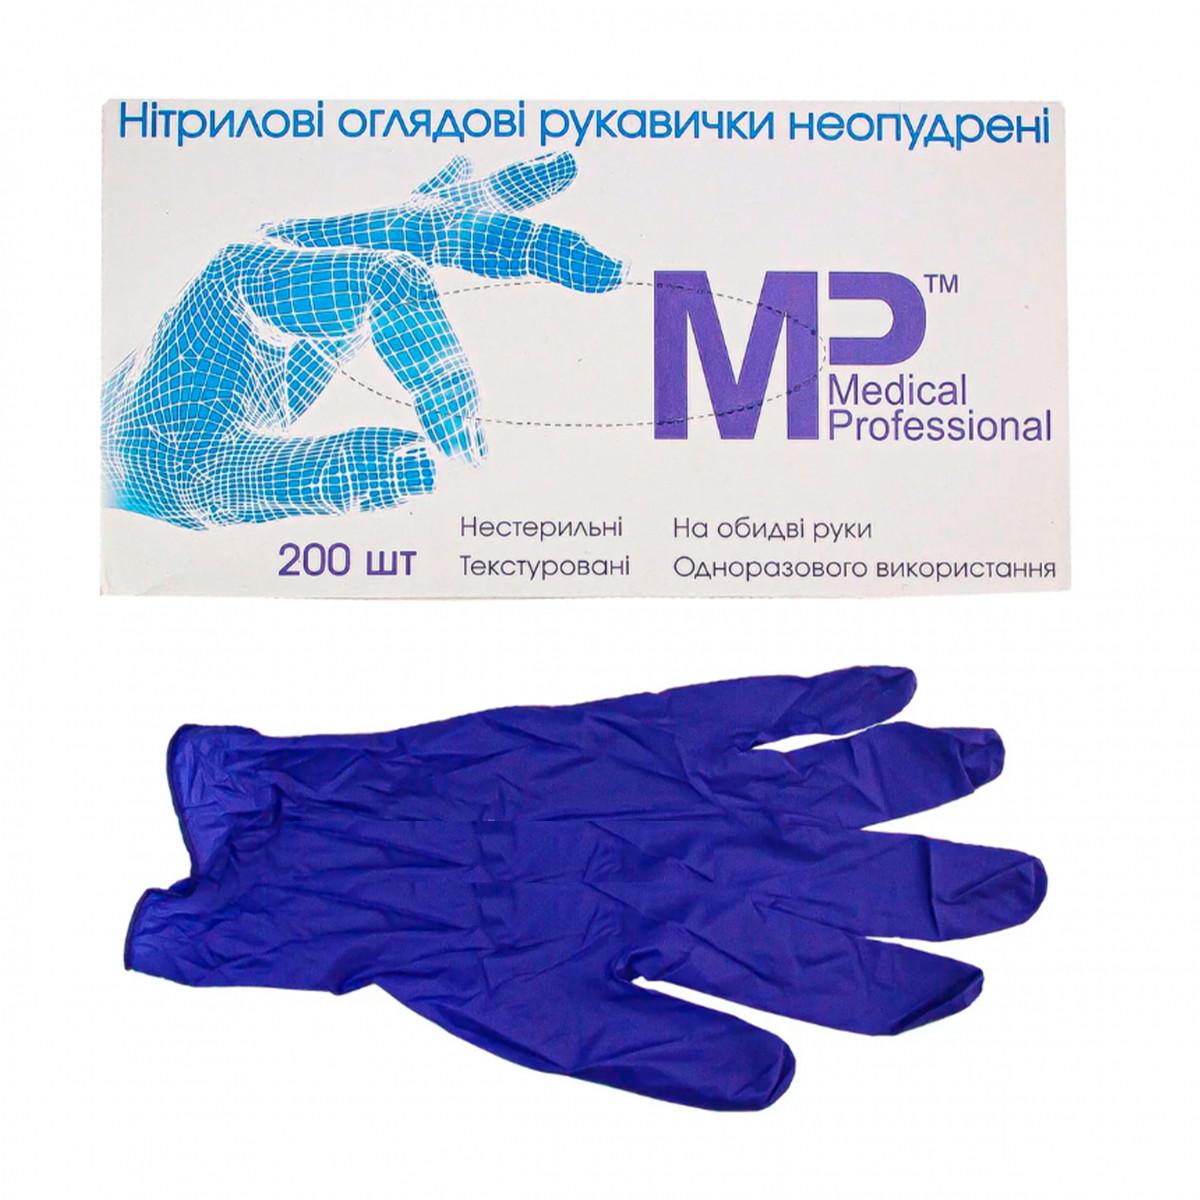 Перчатки Medical Professional нитриловые смотровые нестерильные неприпудренные р.S